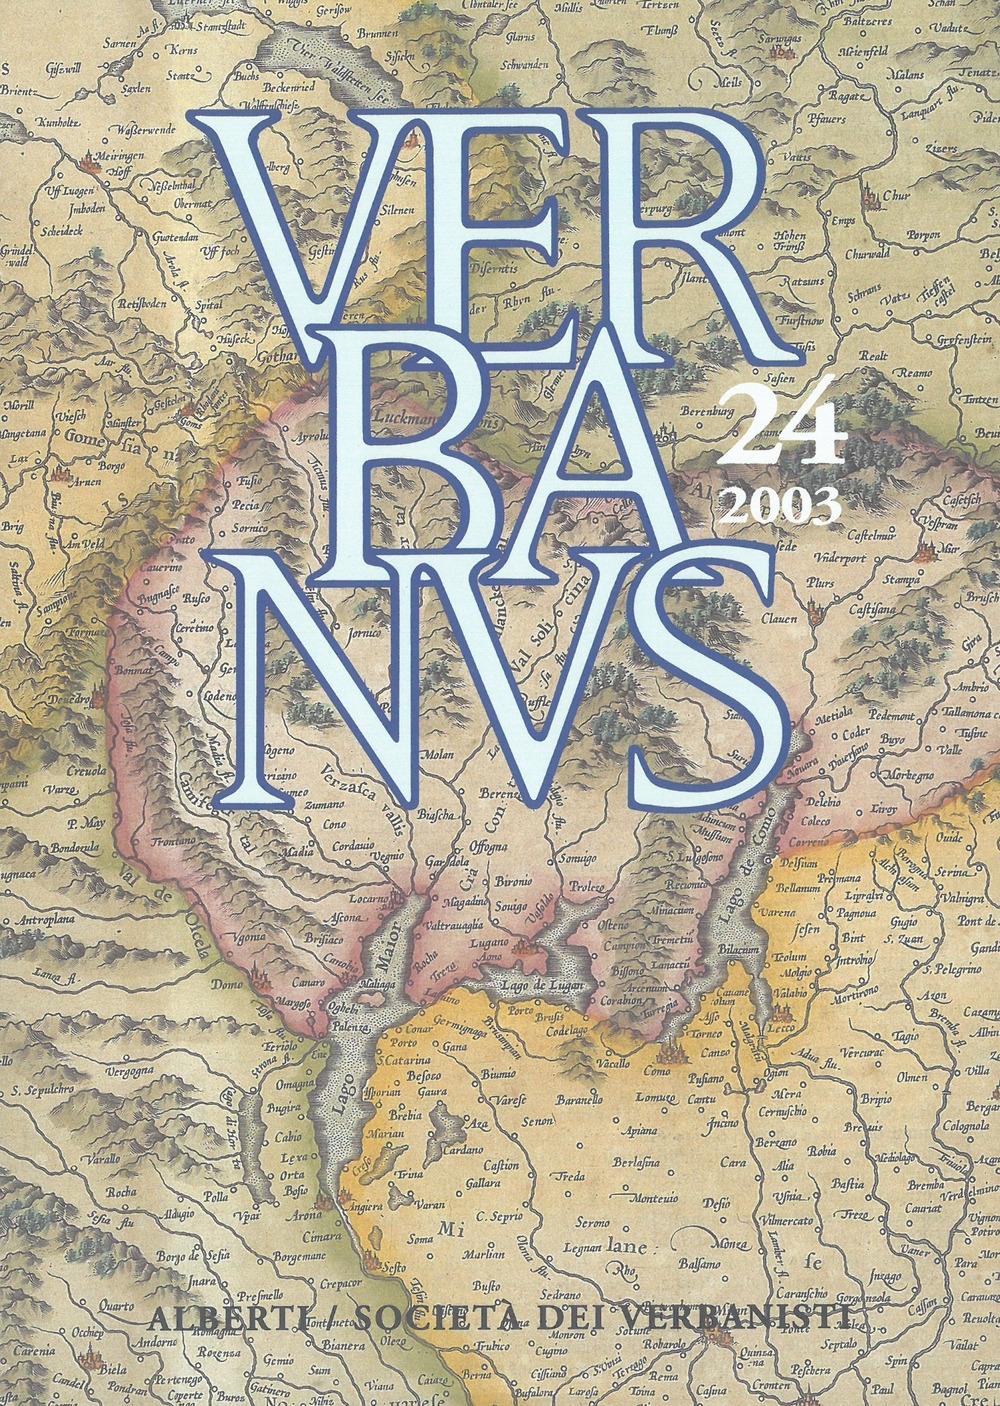 Verbanus. Rivista per la cultura, l'arte, la storia del lago. Vol. 24